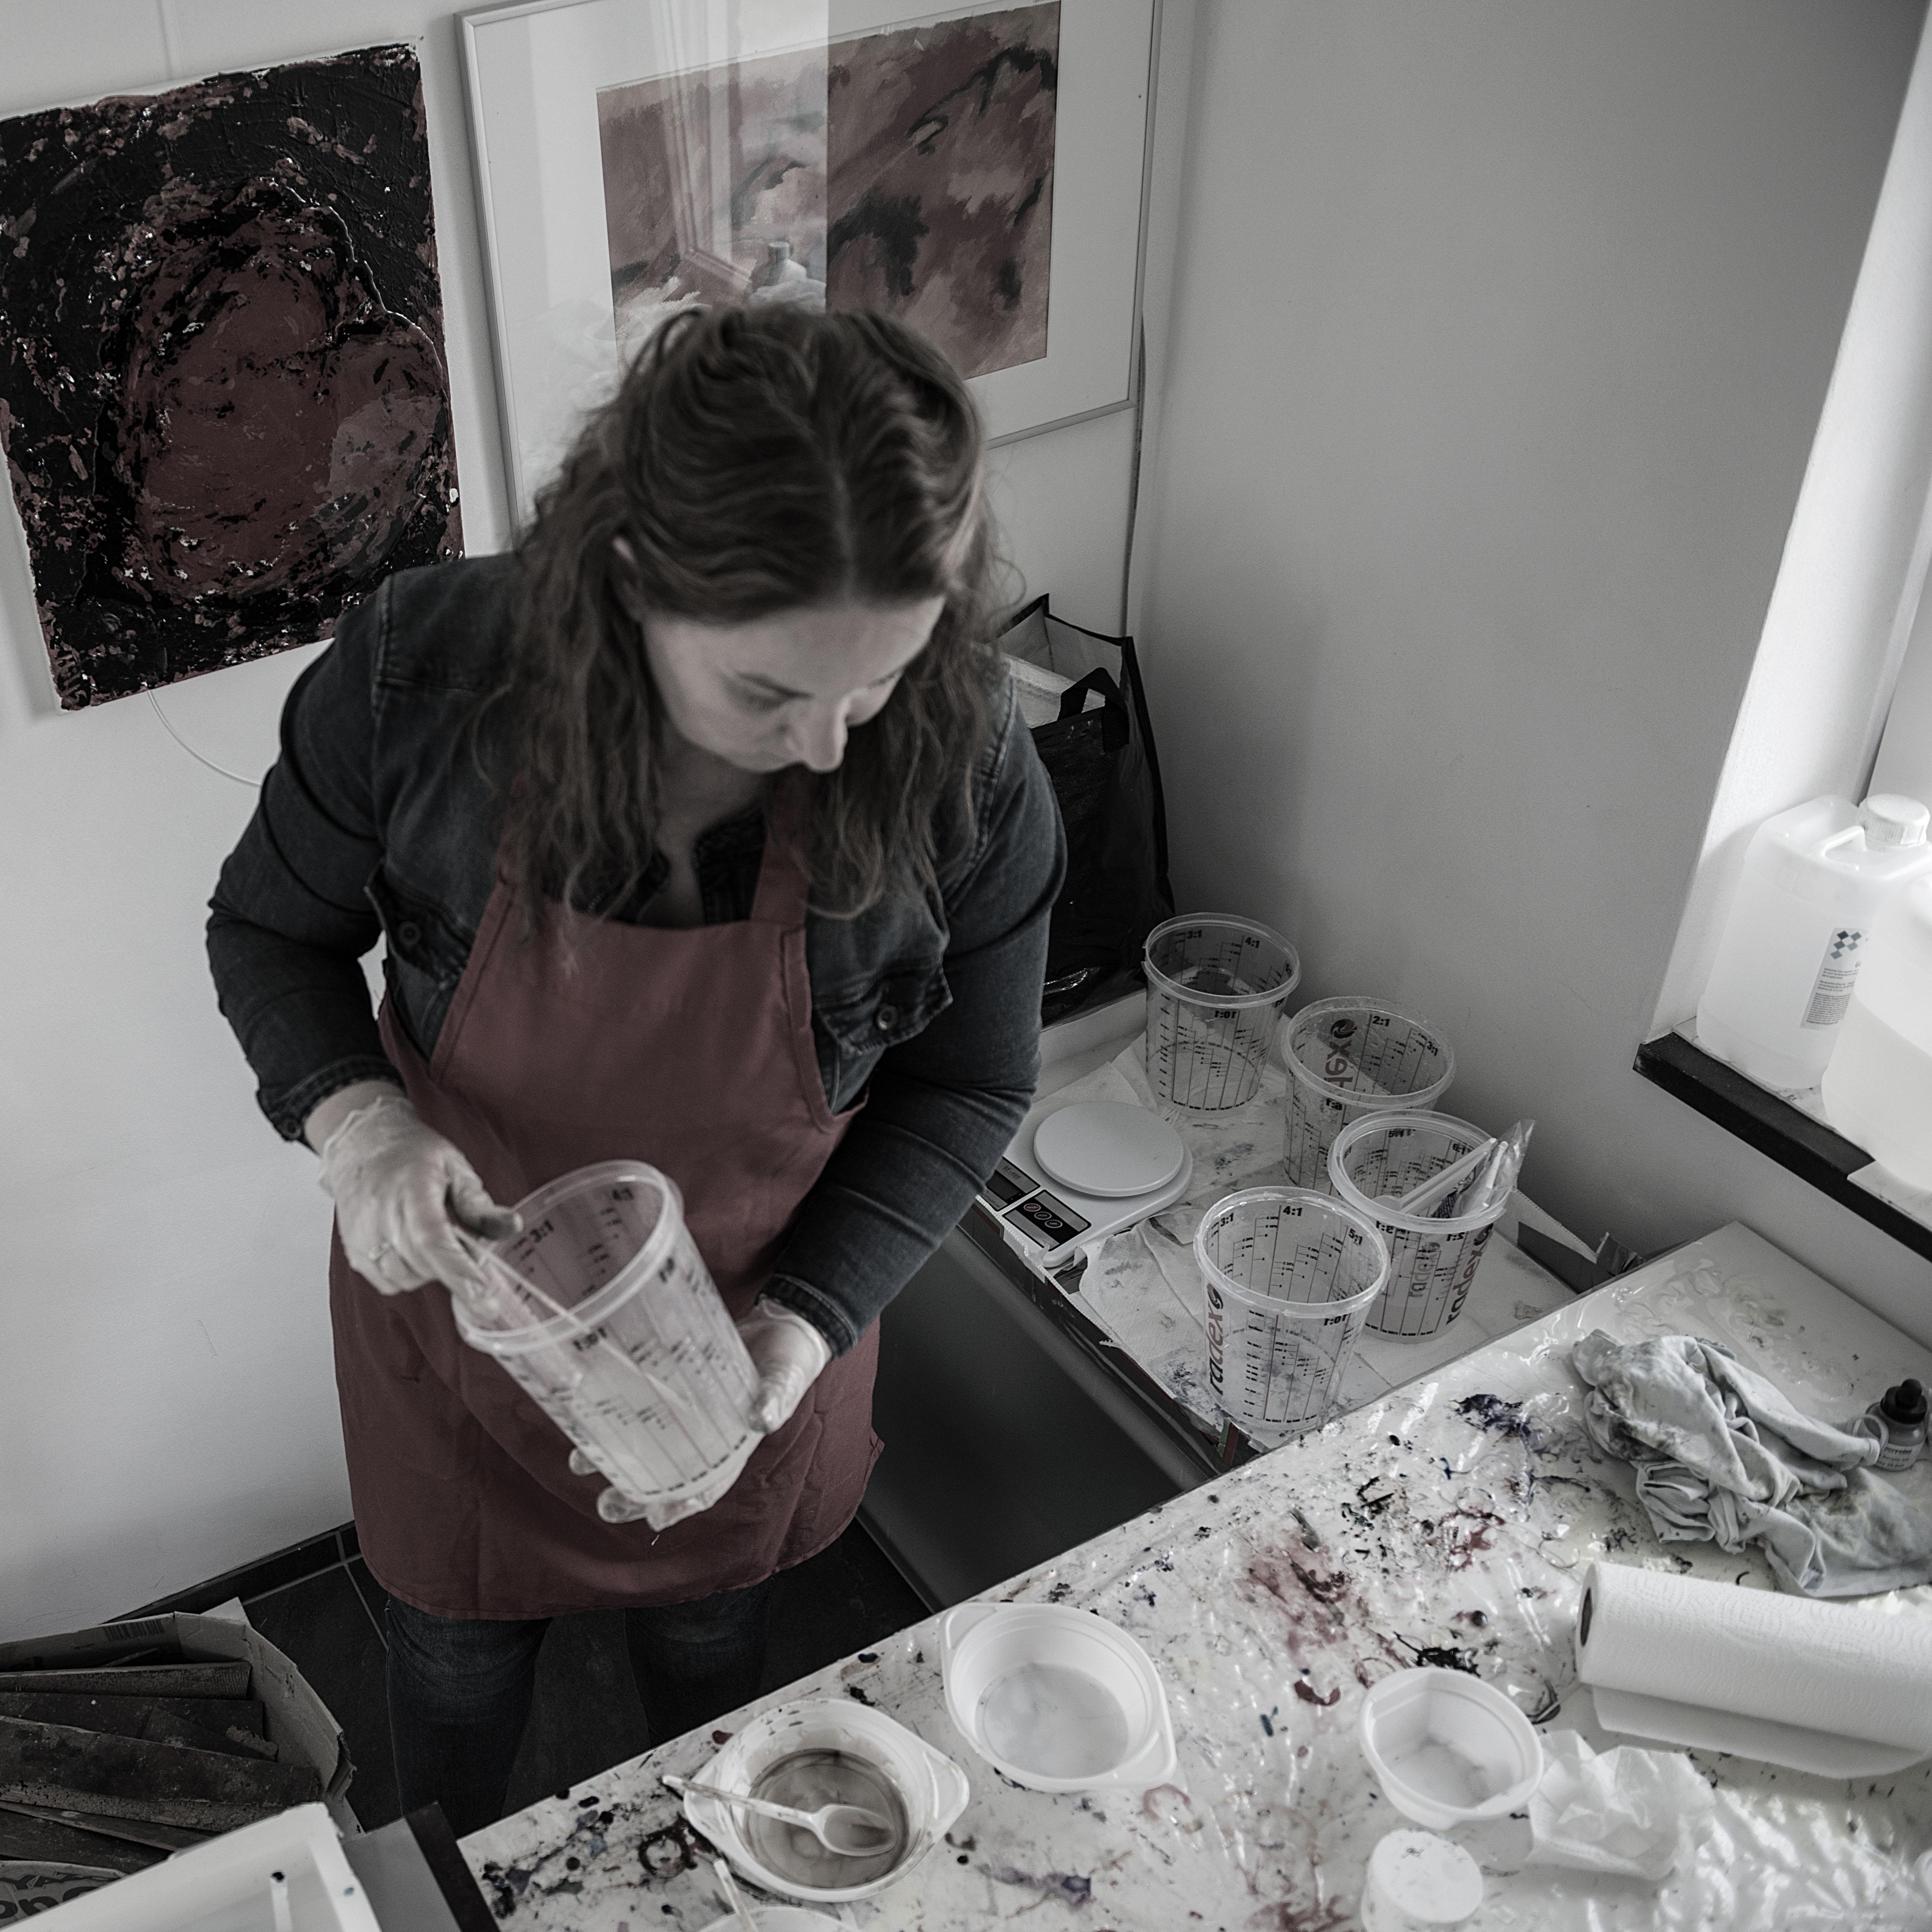 Me, mixing resin